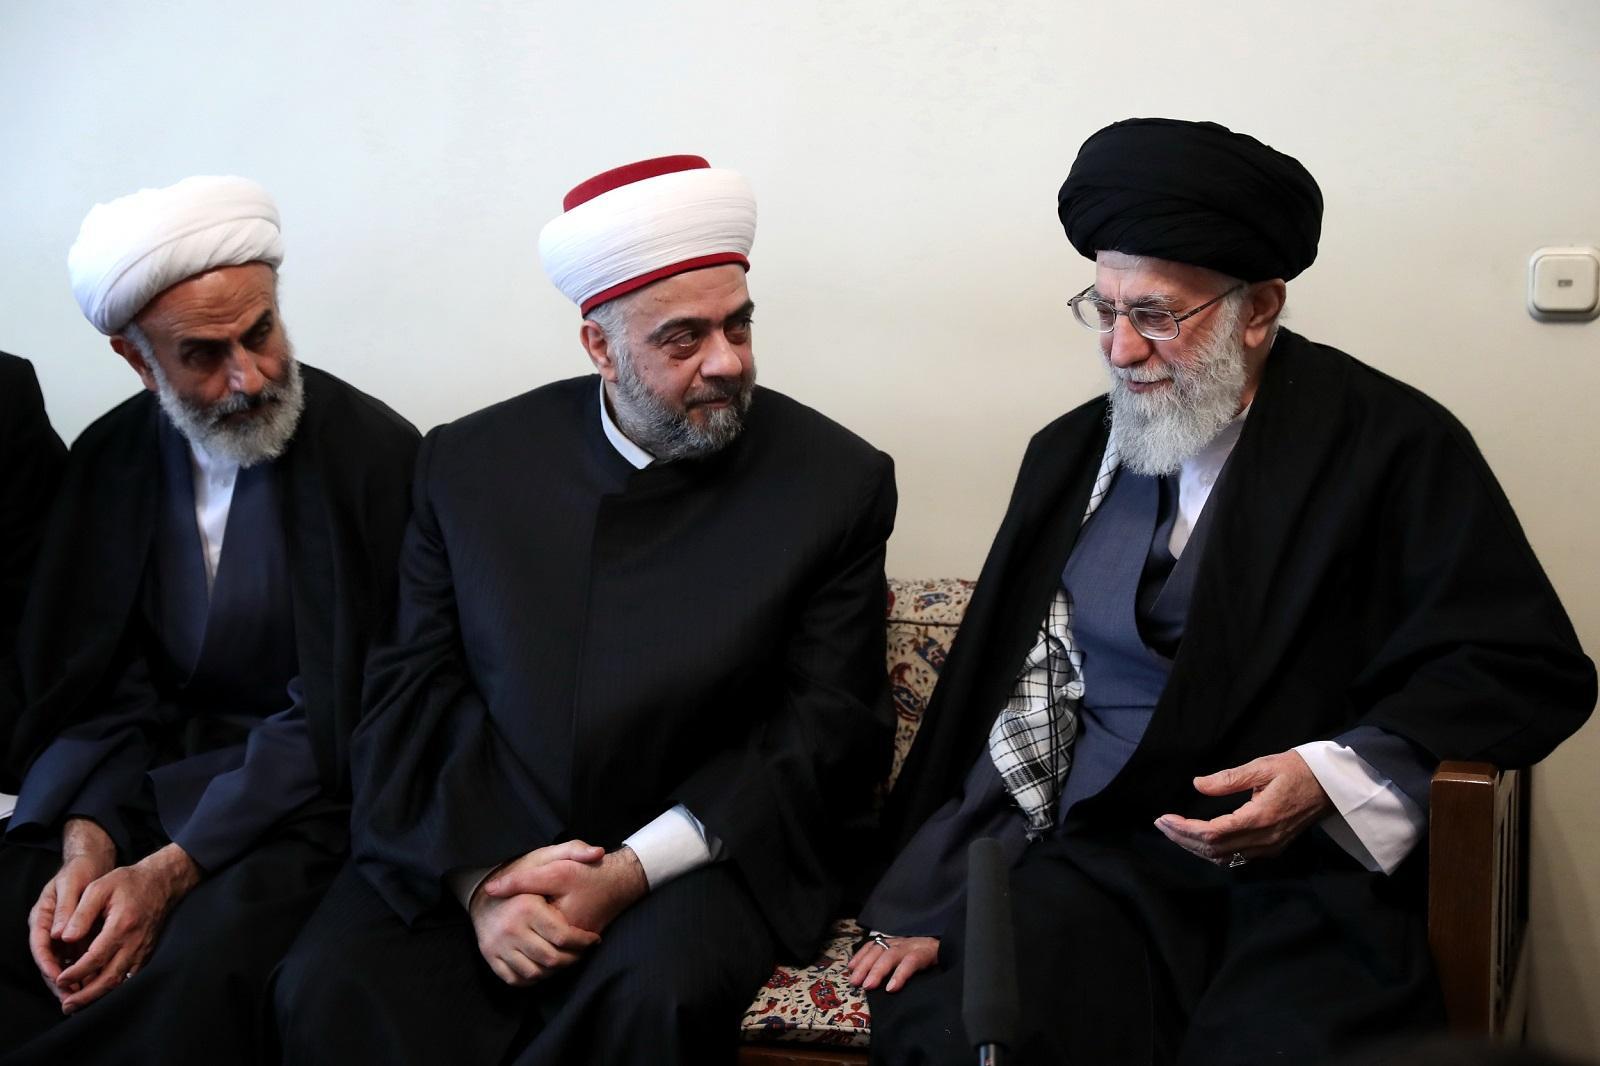 صورة نظام الأسد يبدأ بالتغيير الديني